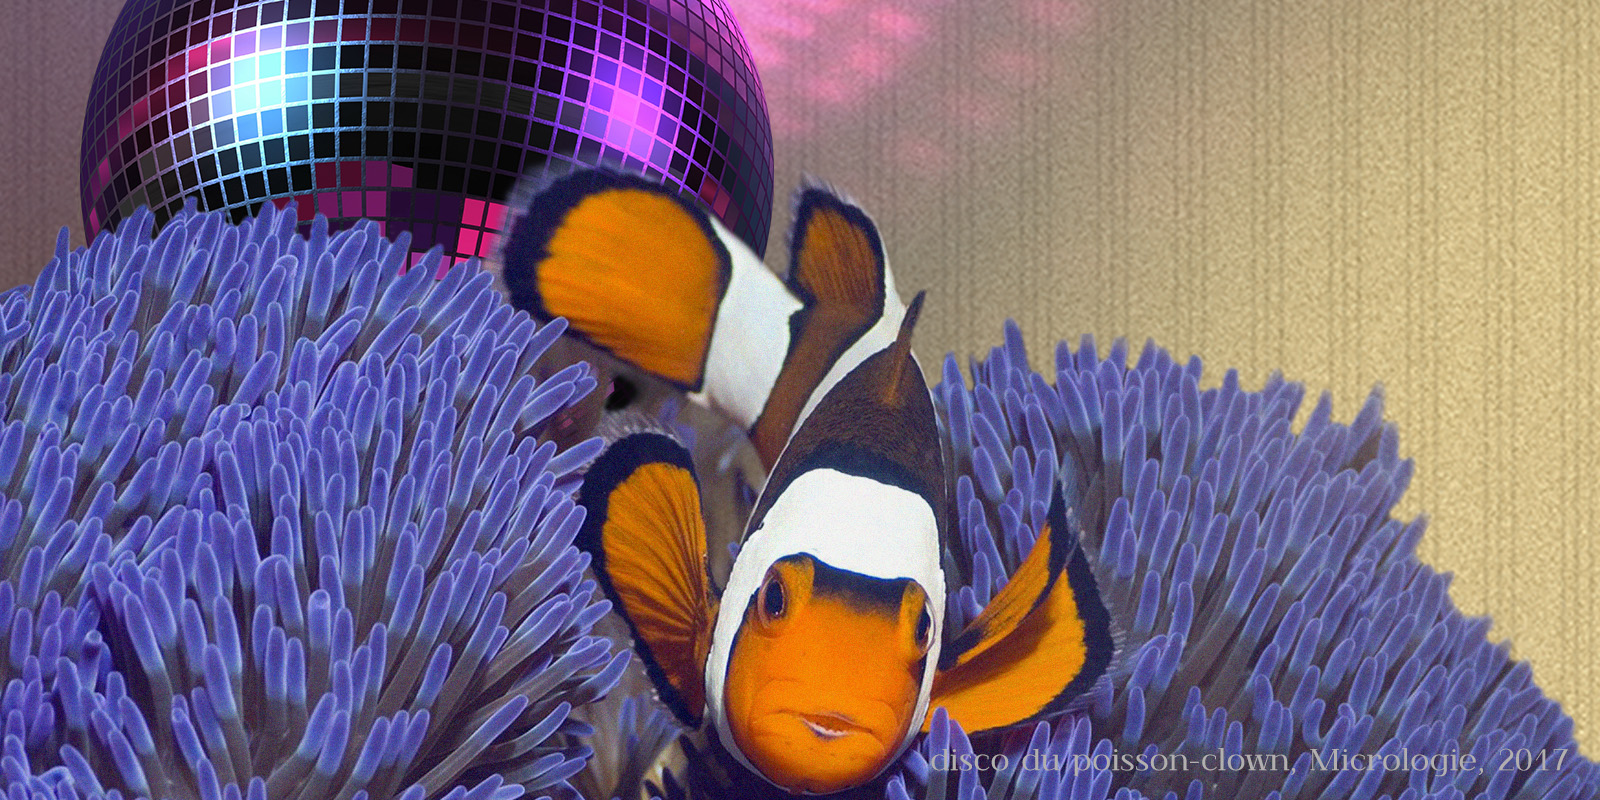 disco du poisson-clown, micrologie